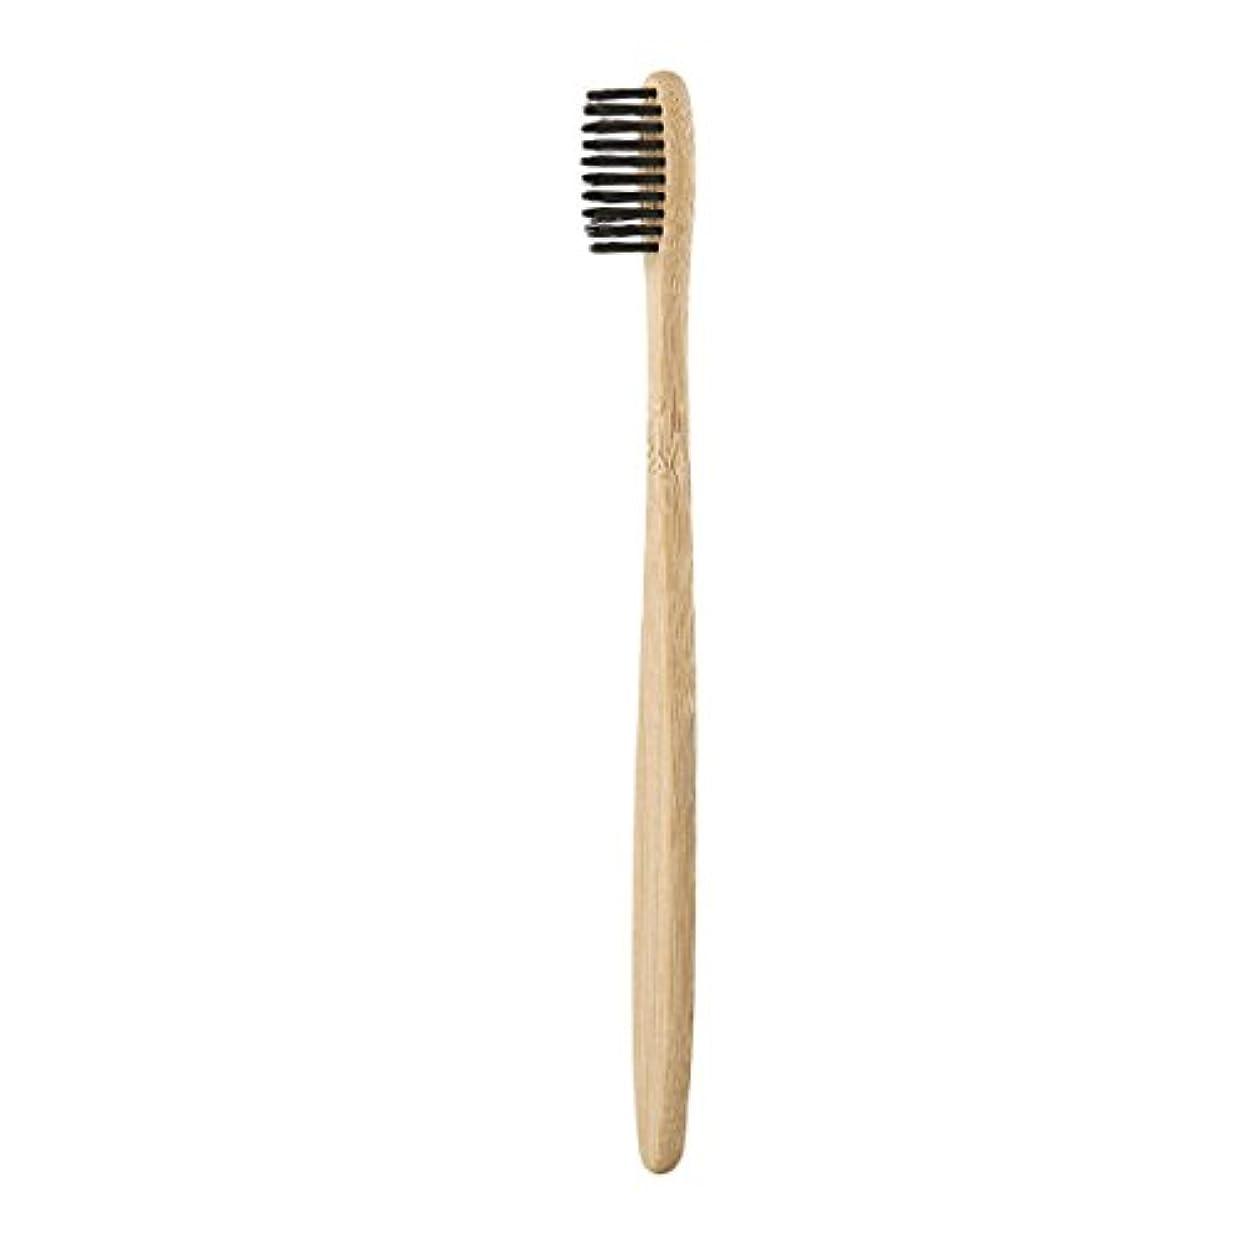 手作りの快適な環境に優しい環境歯ブラシ竹ハンドル歯ブラシ炭毛健康オーラルケア-ウッドカラー